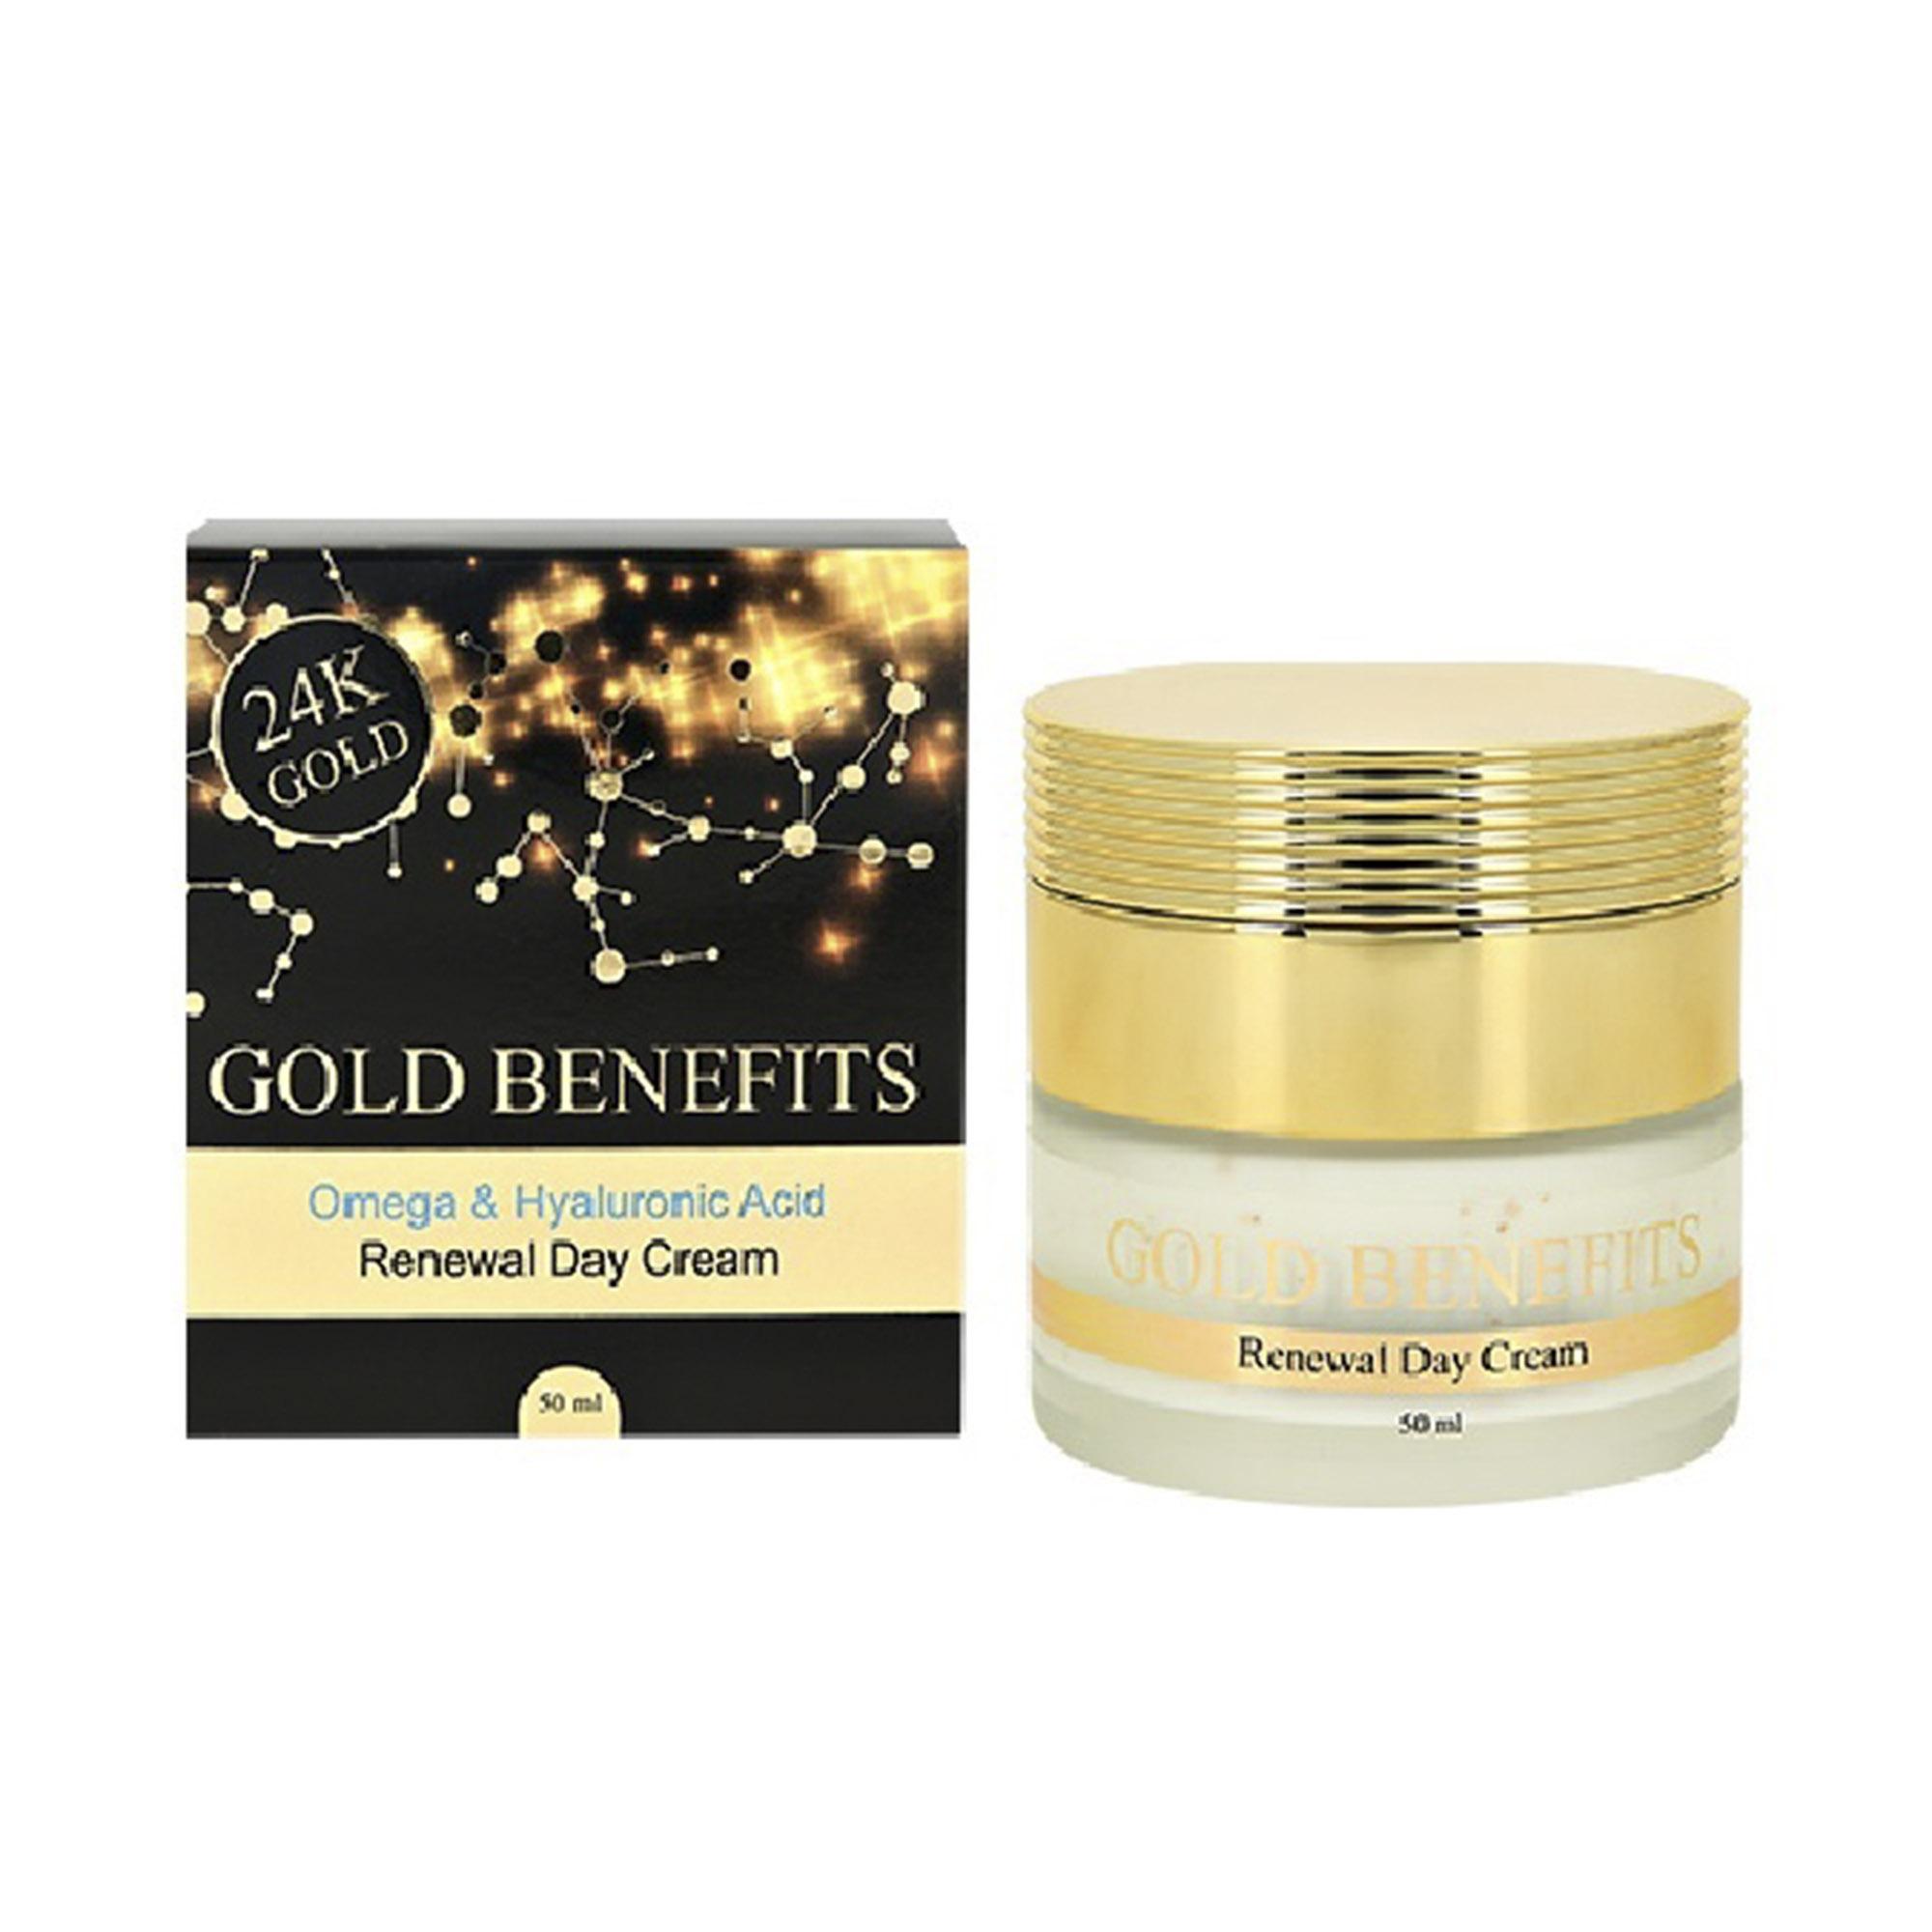 Крем для лица дневной Gold Benefits с гиалуроновой кислотой и омега 3 кислотами 50 мл